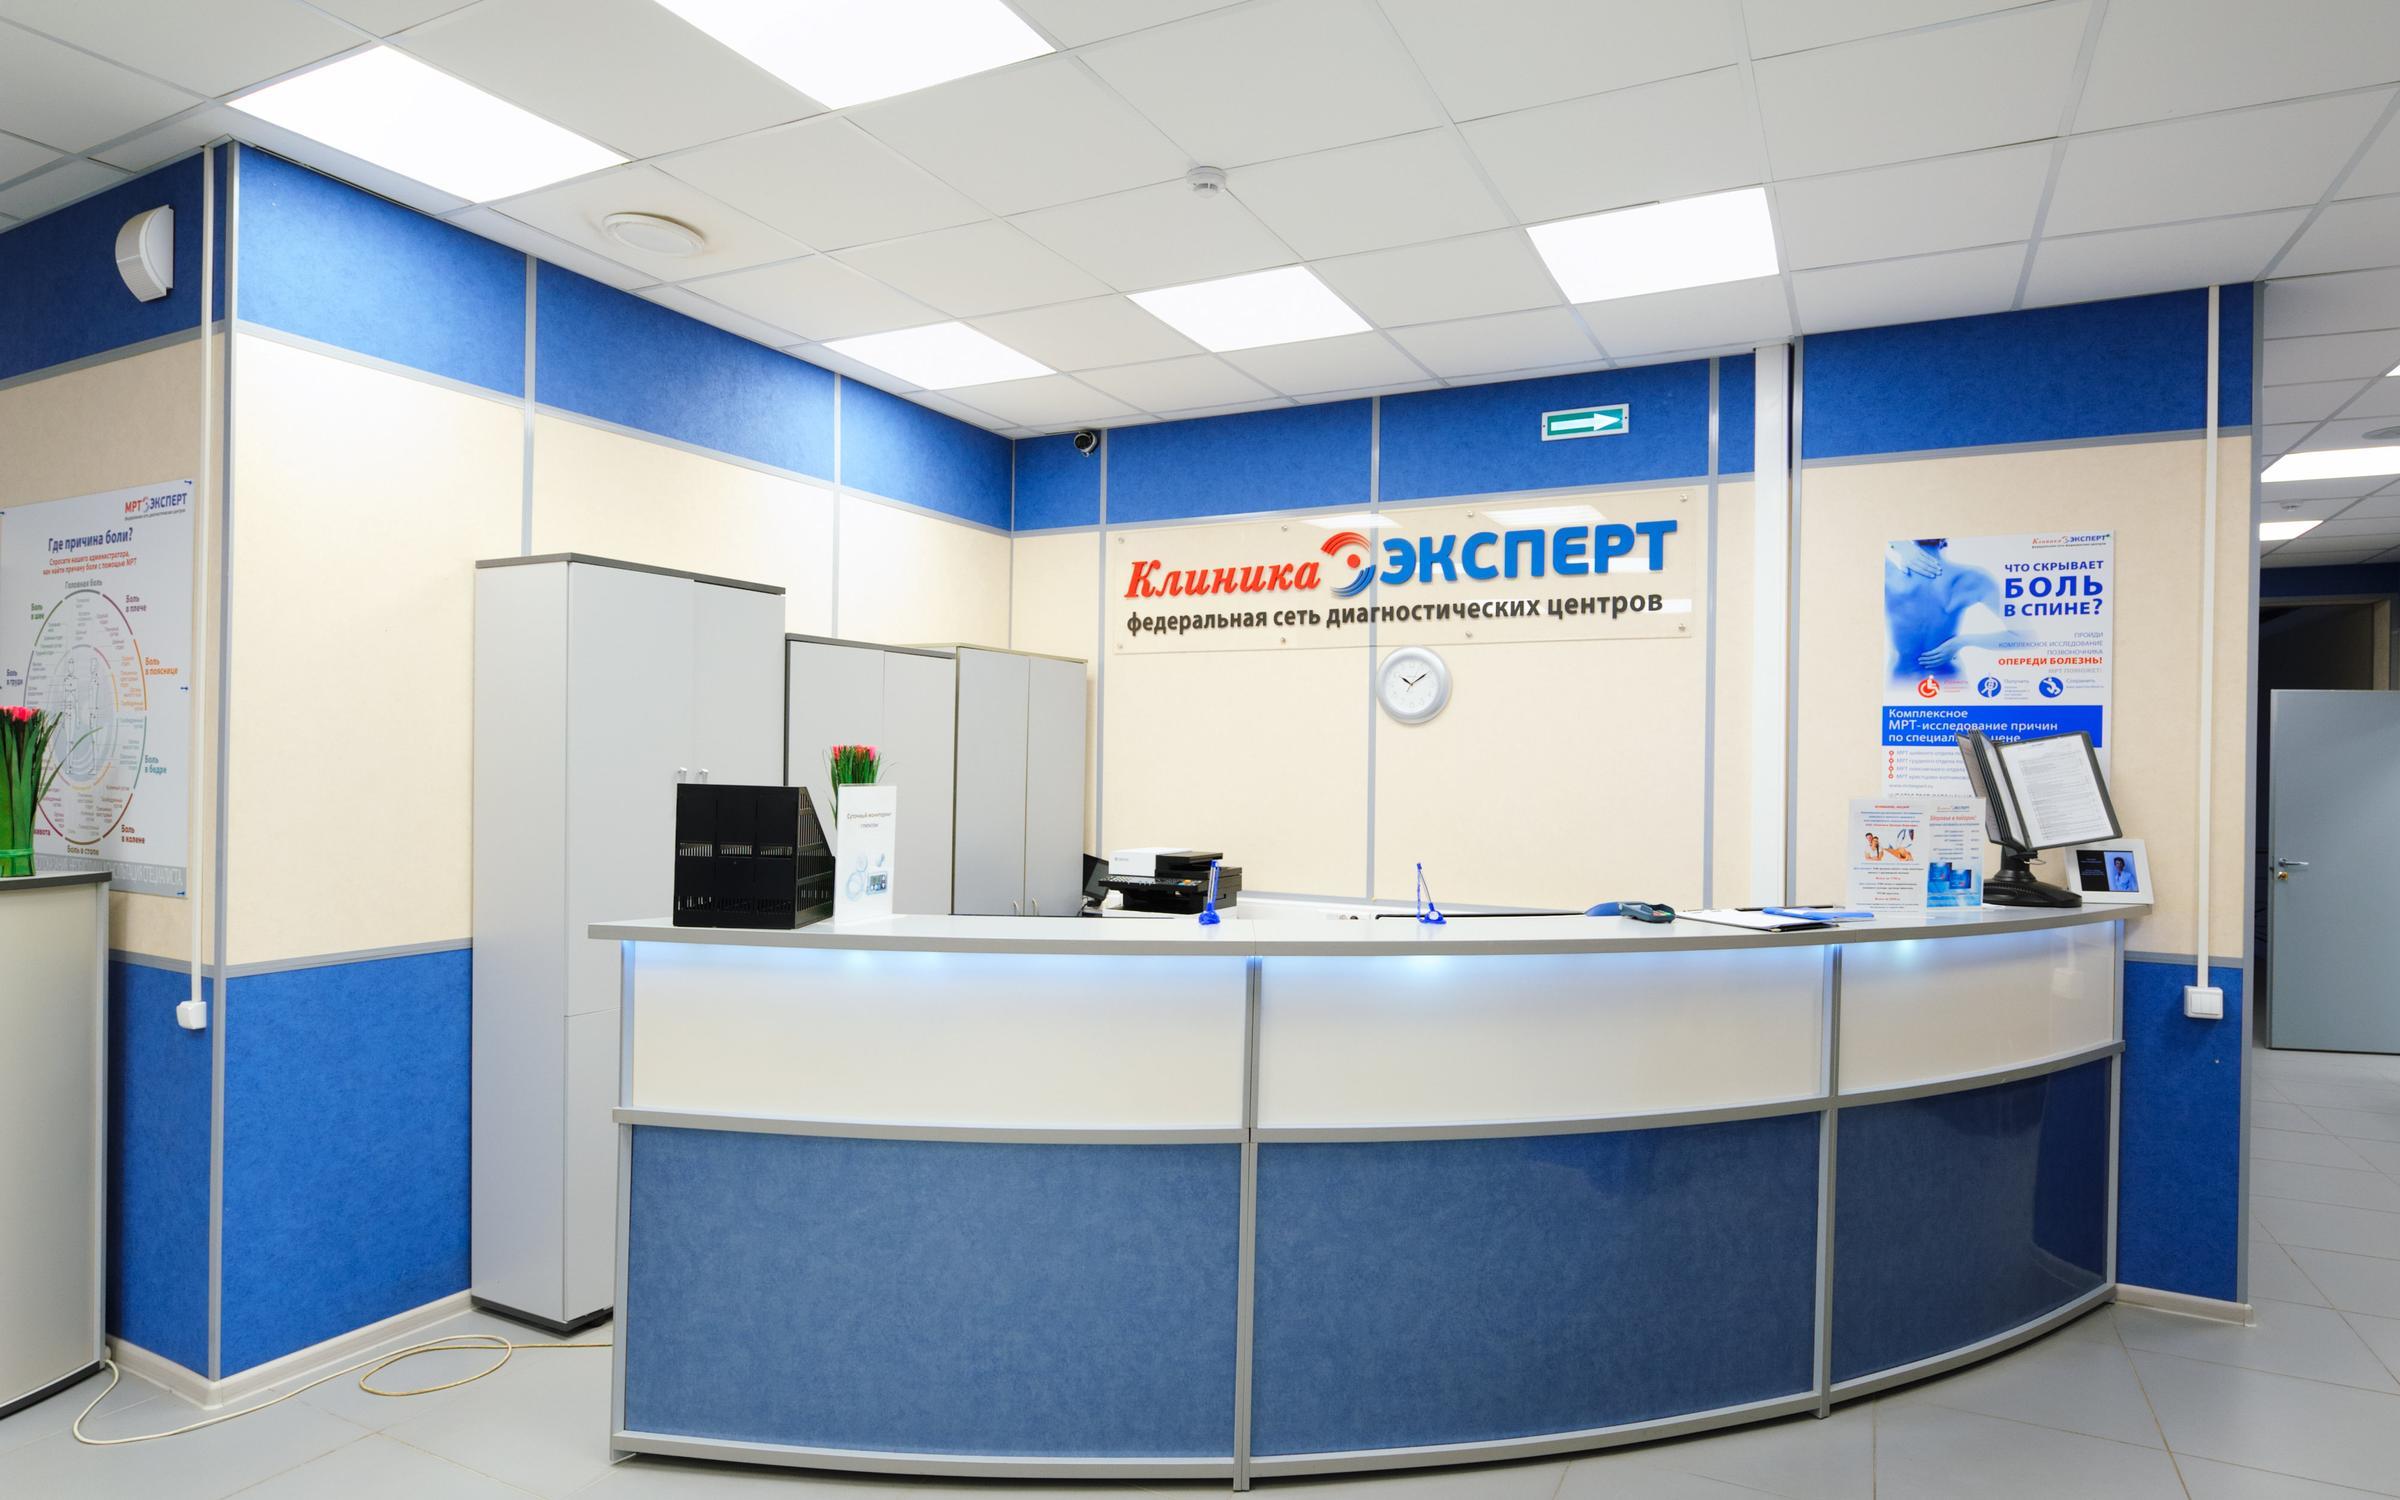 фотография Многопрофильного центра Клиника Эксперт на Пушкинской улице, 11